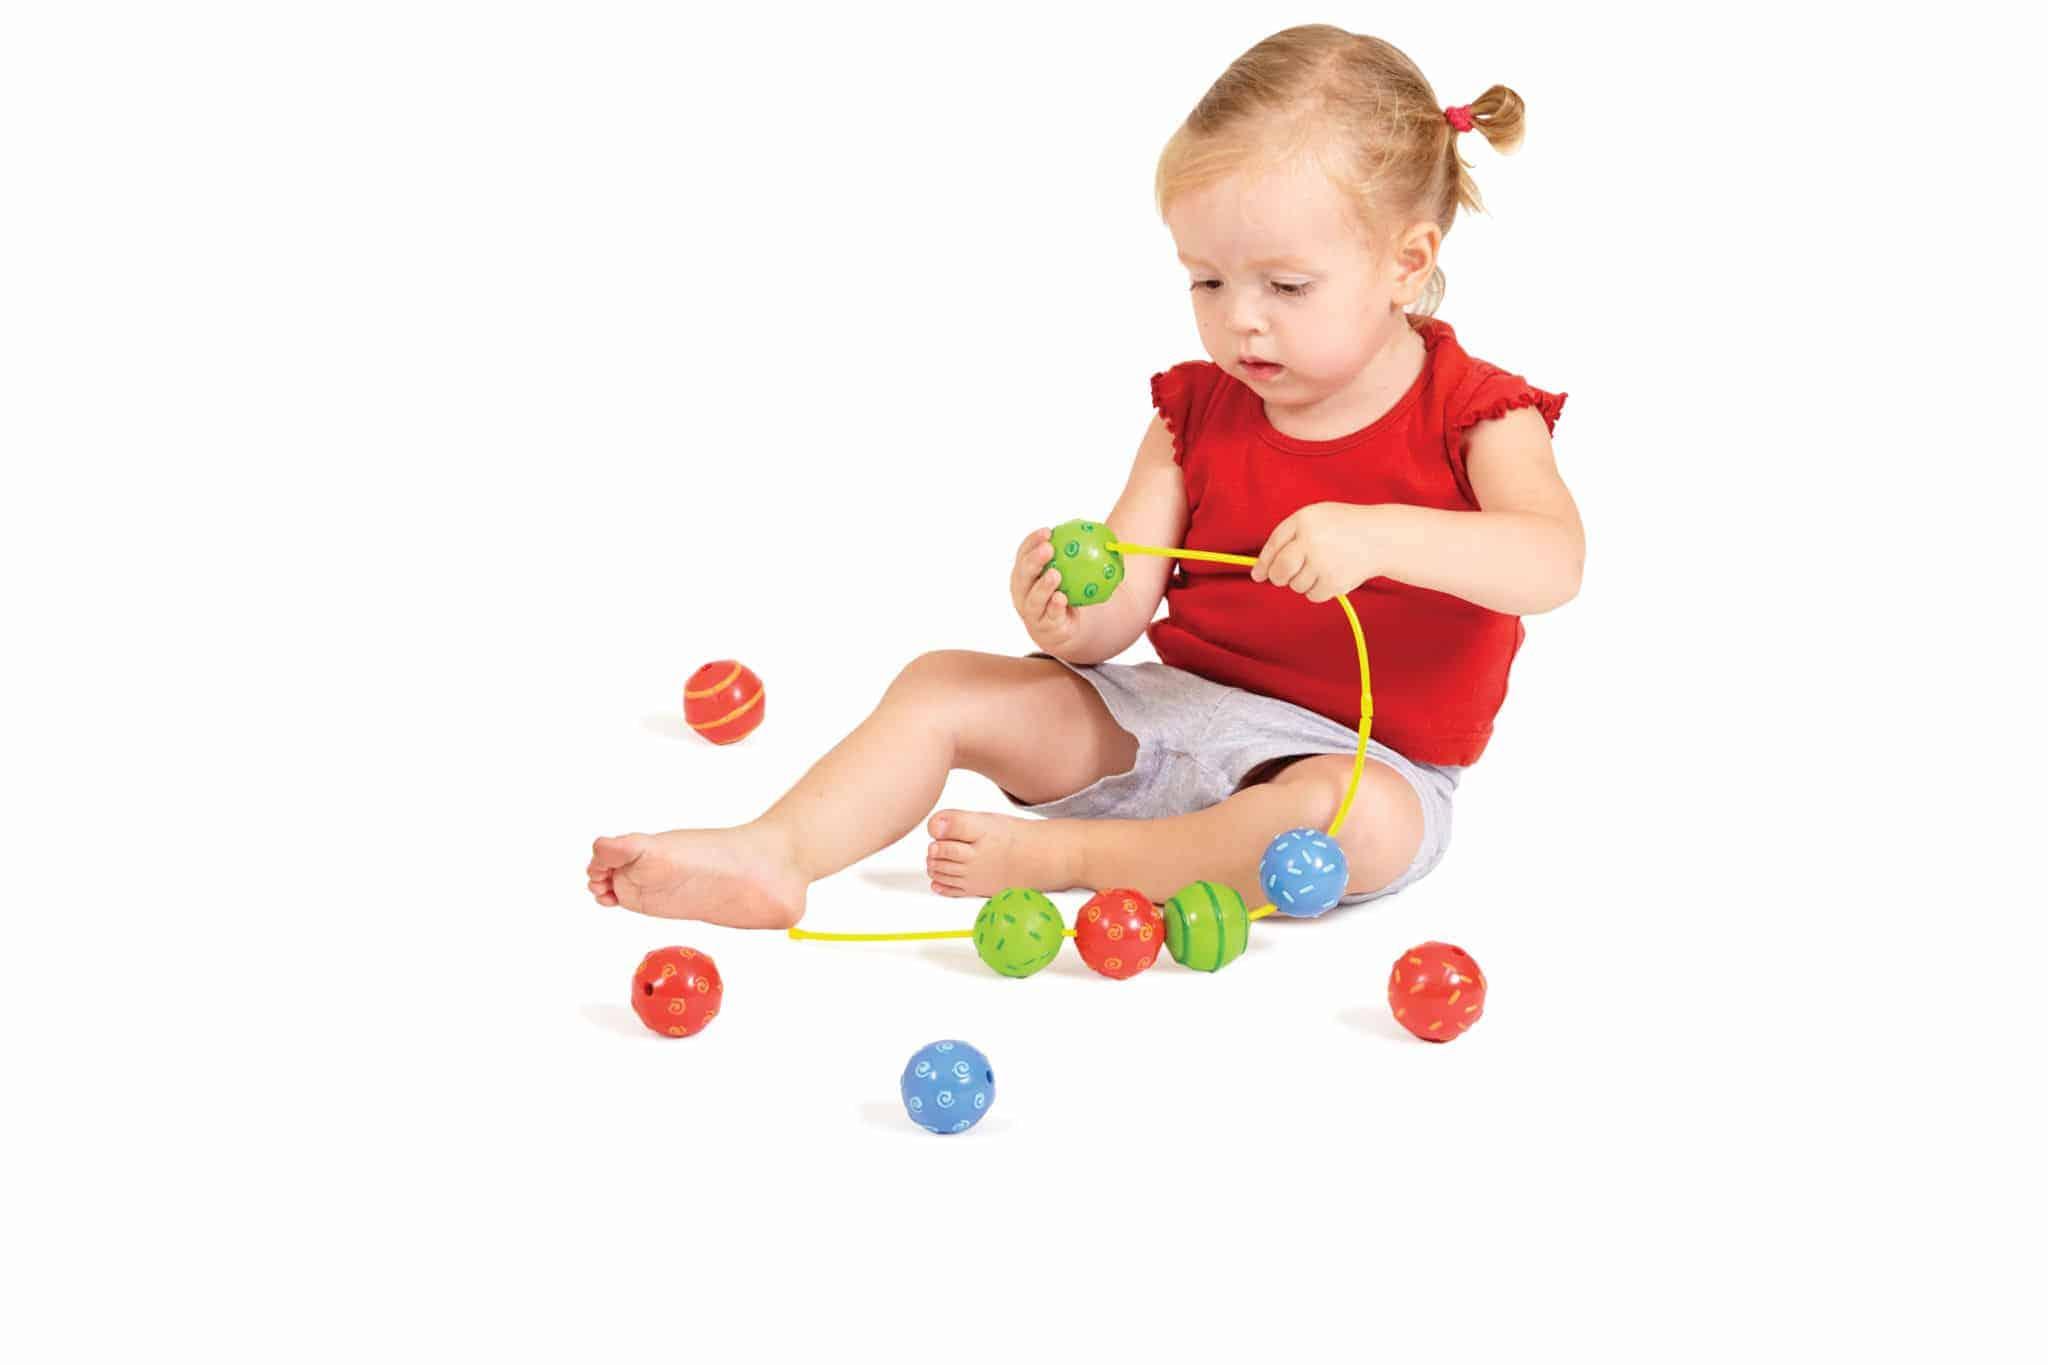 Spelenderwijs fijne motoriek stimuleren met baby beads- Mamaliefde.nl